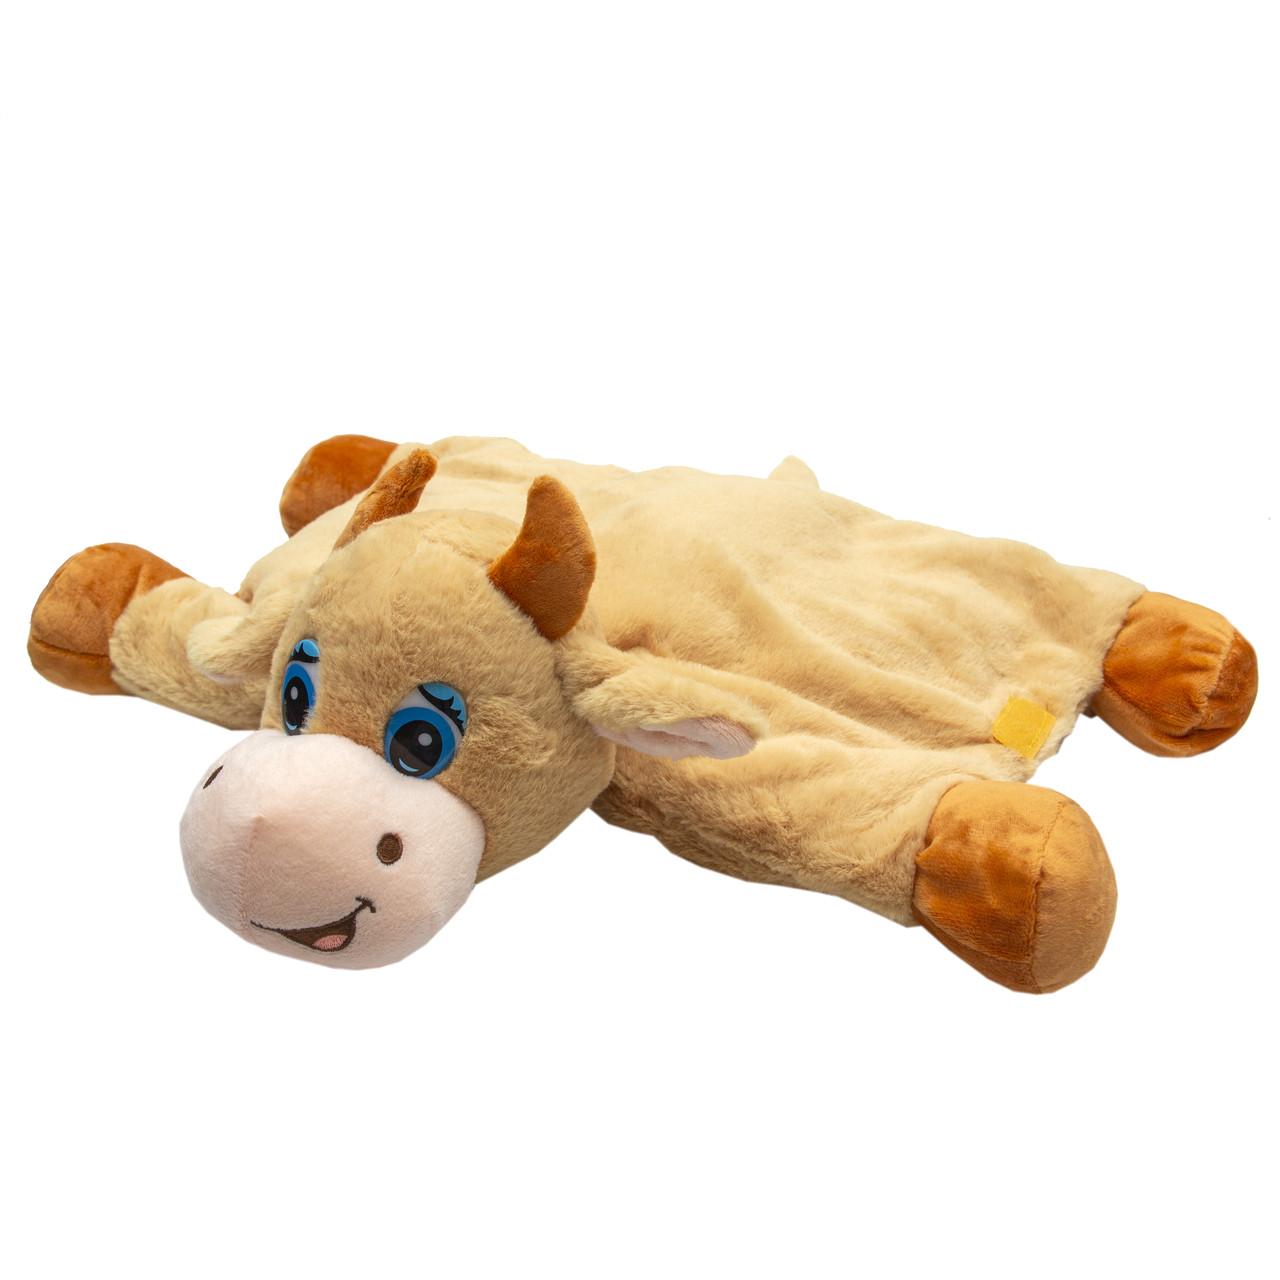 Мягкая игрушка - подушка бык, 40 см, бежевый, плюш (394769)